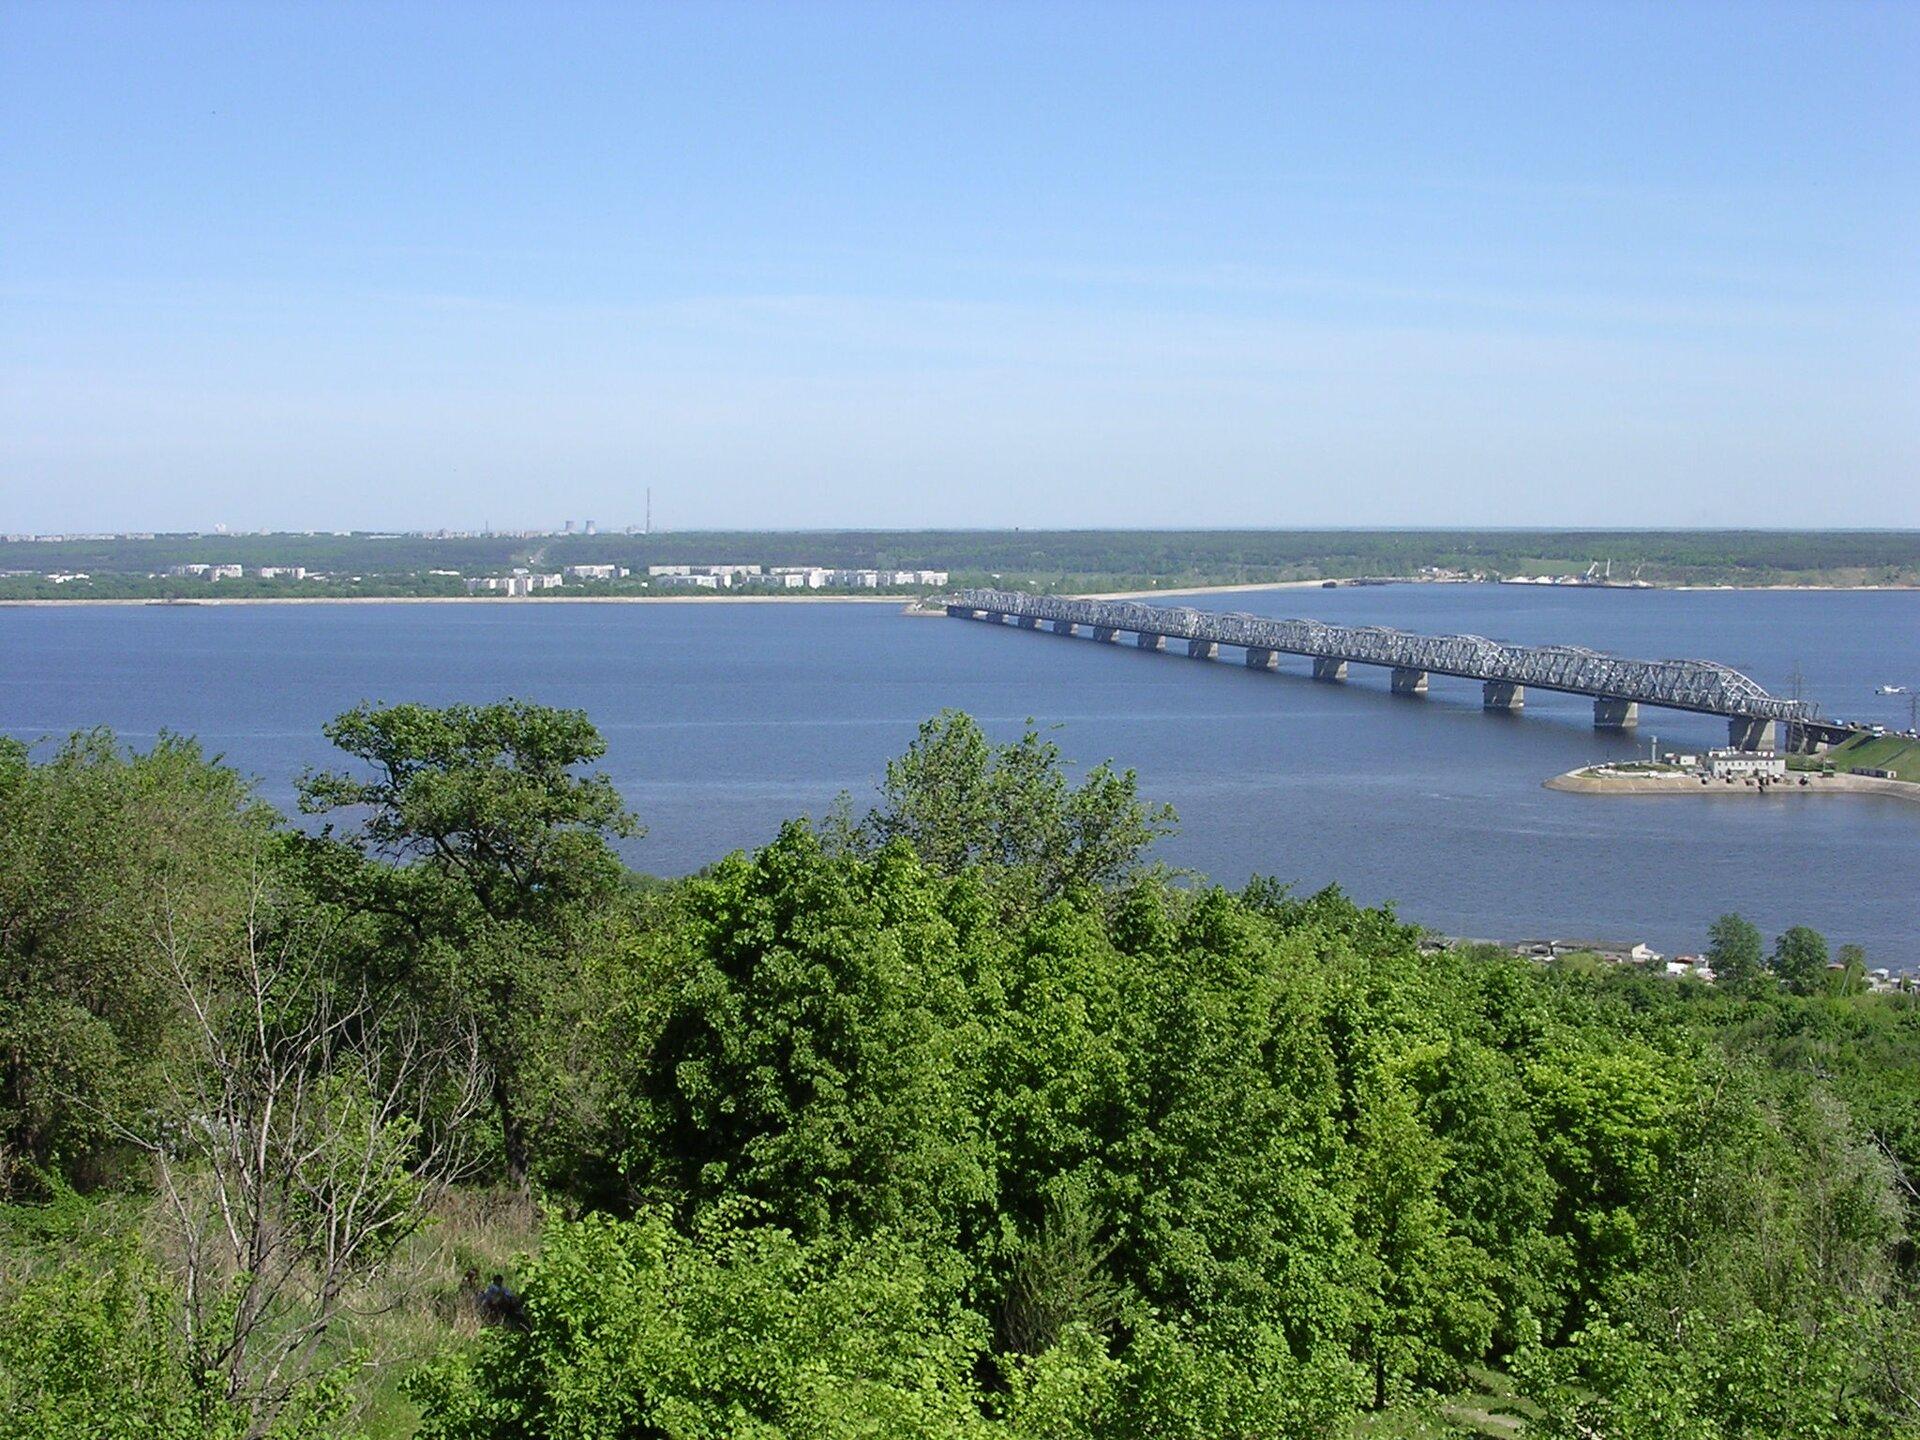 Na zdjęciu szeroka rzeka, na bliższym brzegu las liściasty, na drugim brzegu zabudowania, wtle zakład przemysłowy, kominy. Zprawej strony most.